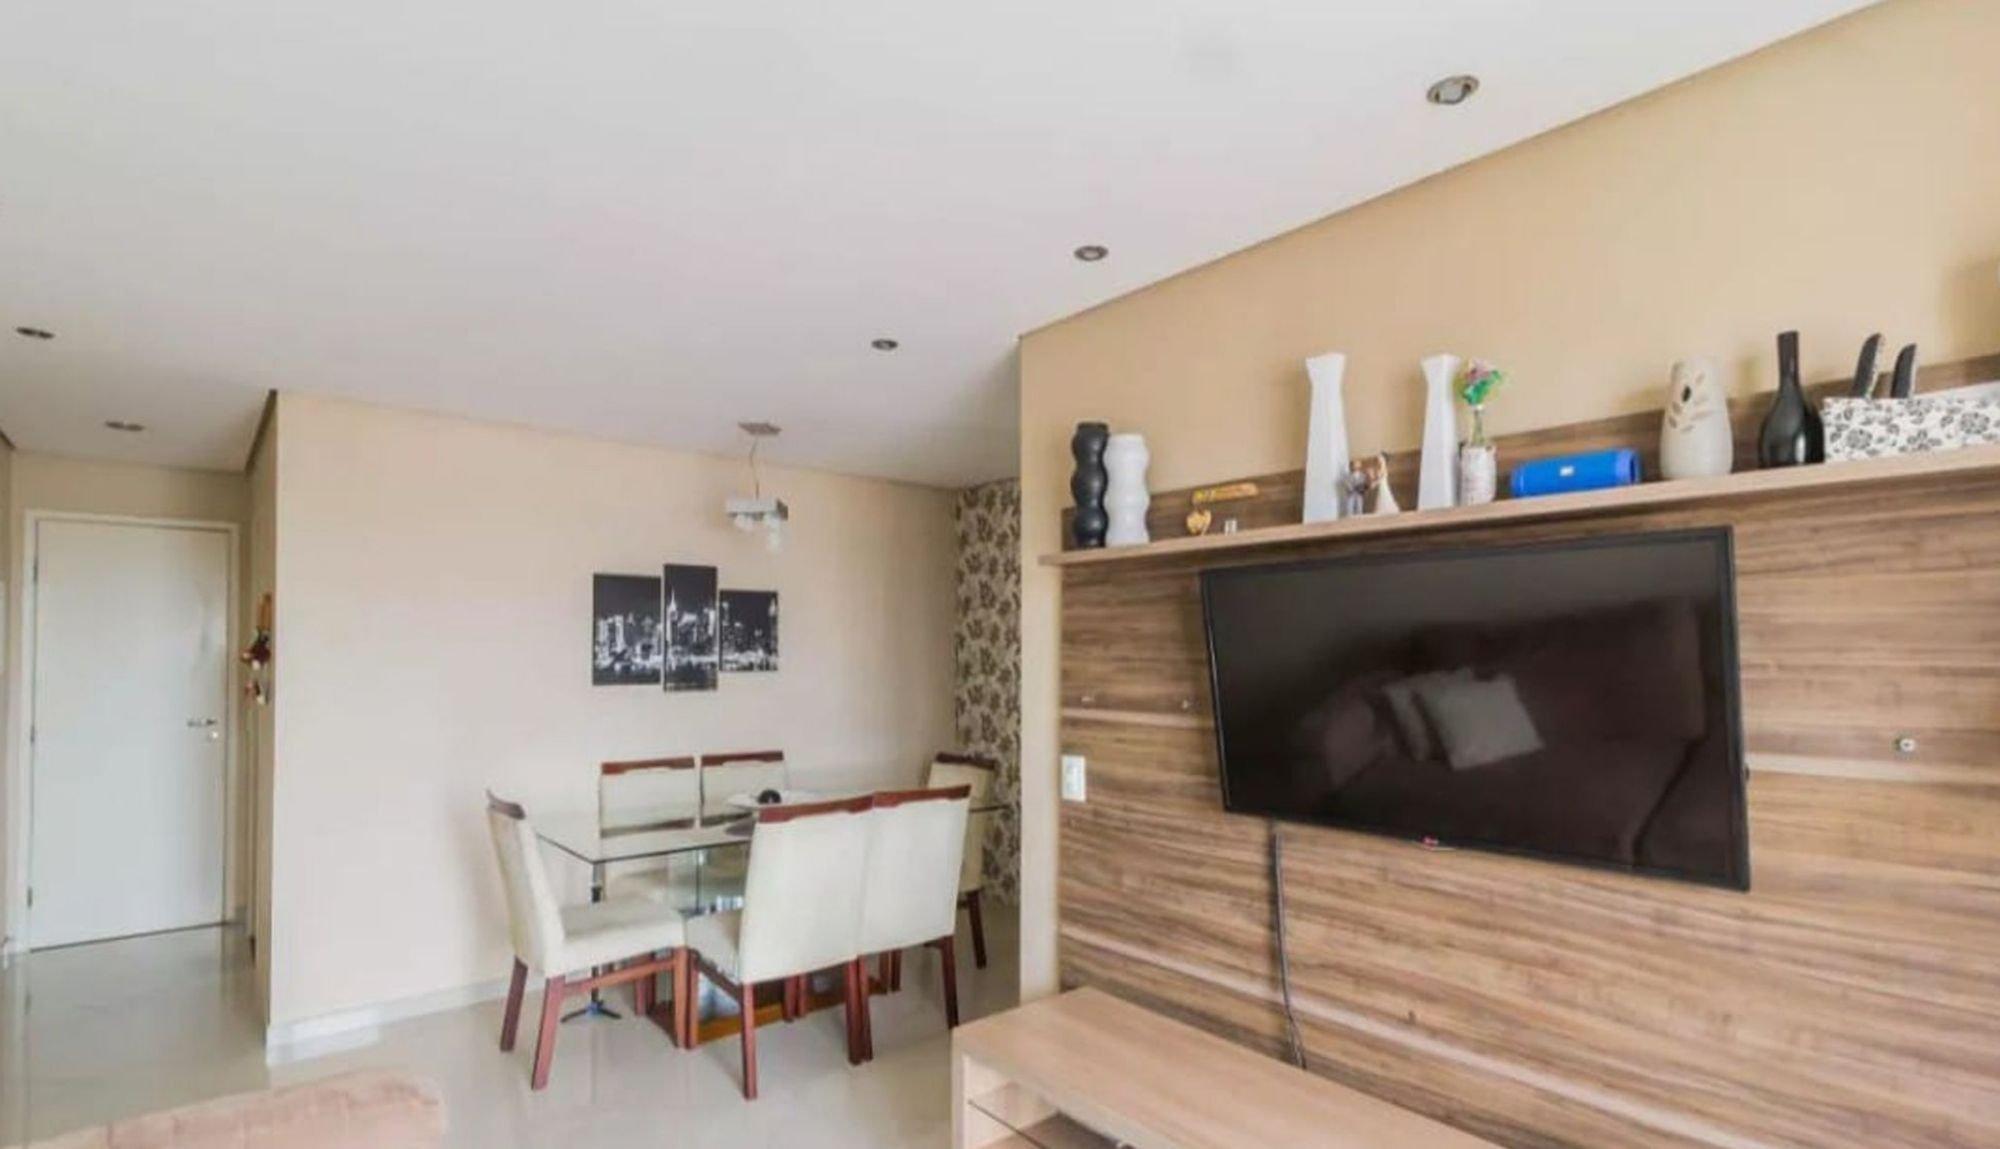 Foto de Sala com televisão, vaso, cadeira